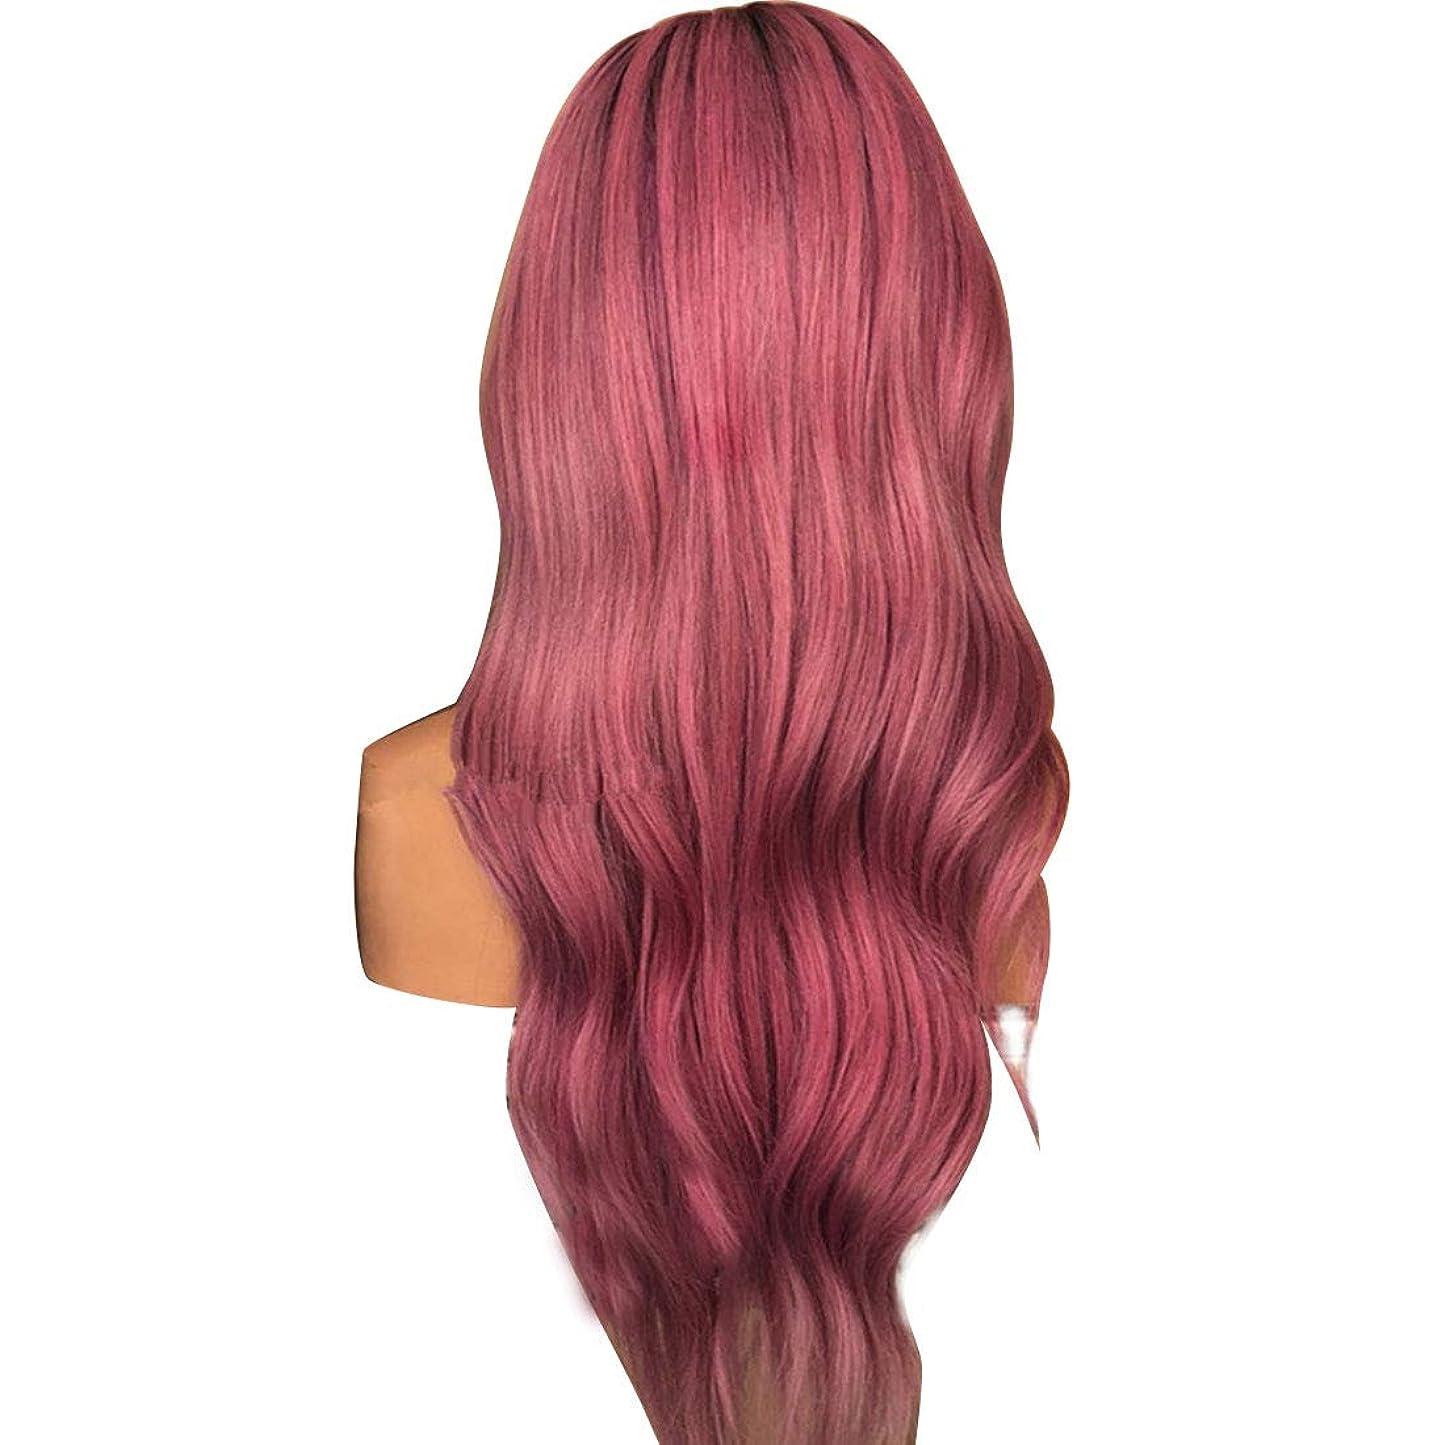 罪悪感近似時計回りKoloeplf 女性 ふわふわ 現実的な かつら 複数の色 大きな波 長いウィッグ 耐熱 ウィッグ 長さ65cm (Color : Black gradient citron purple)